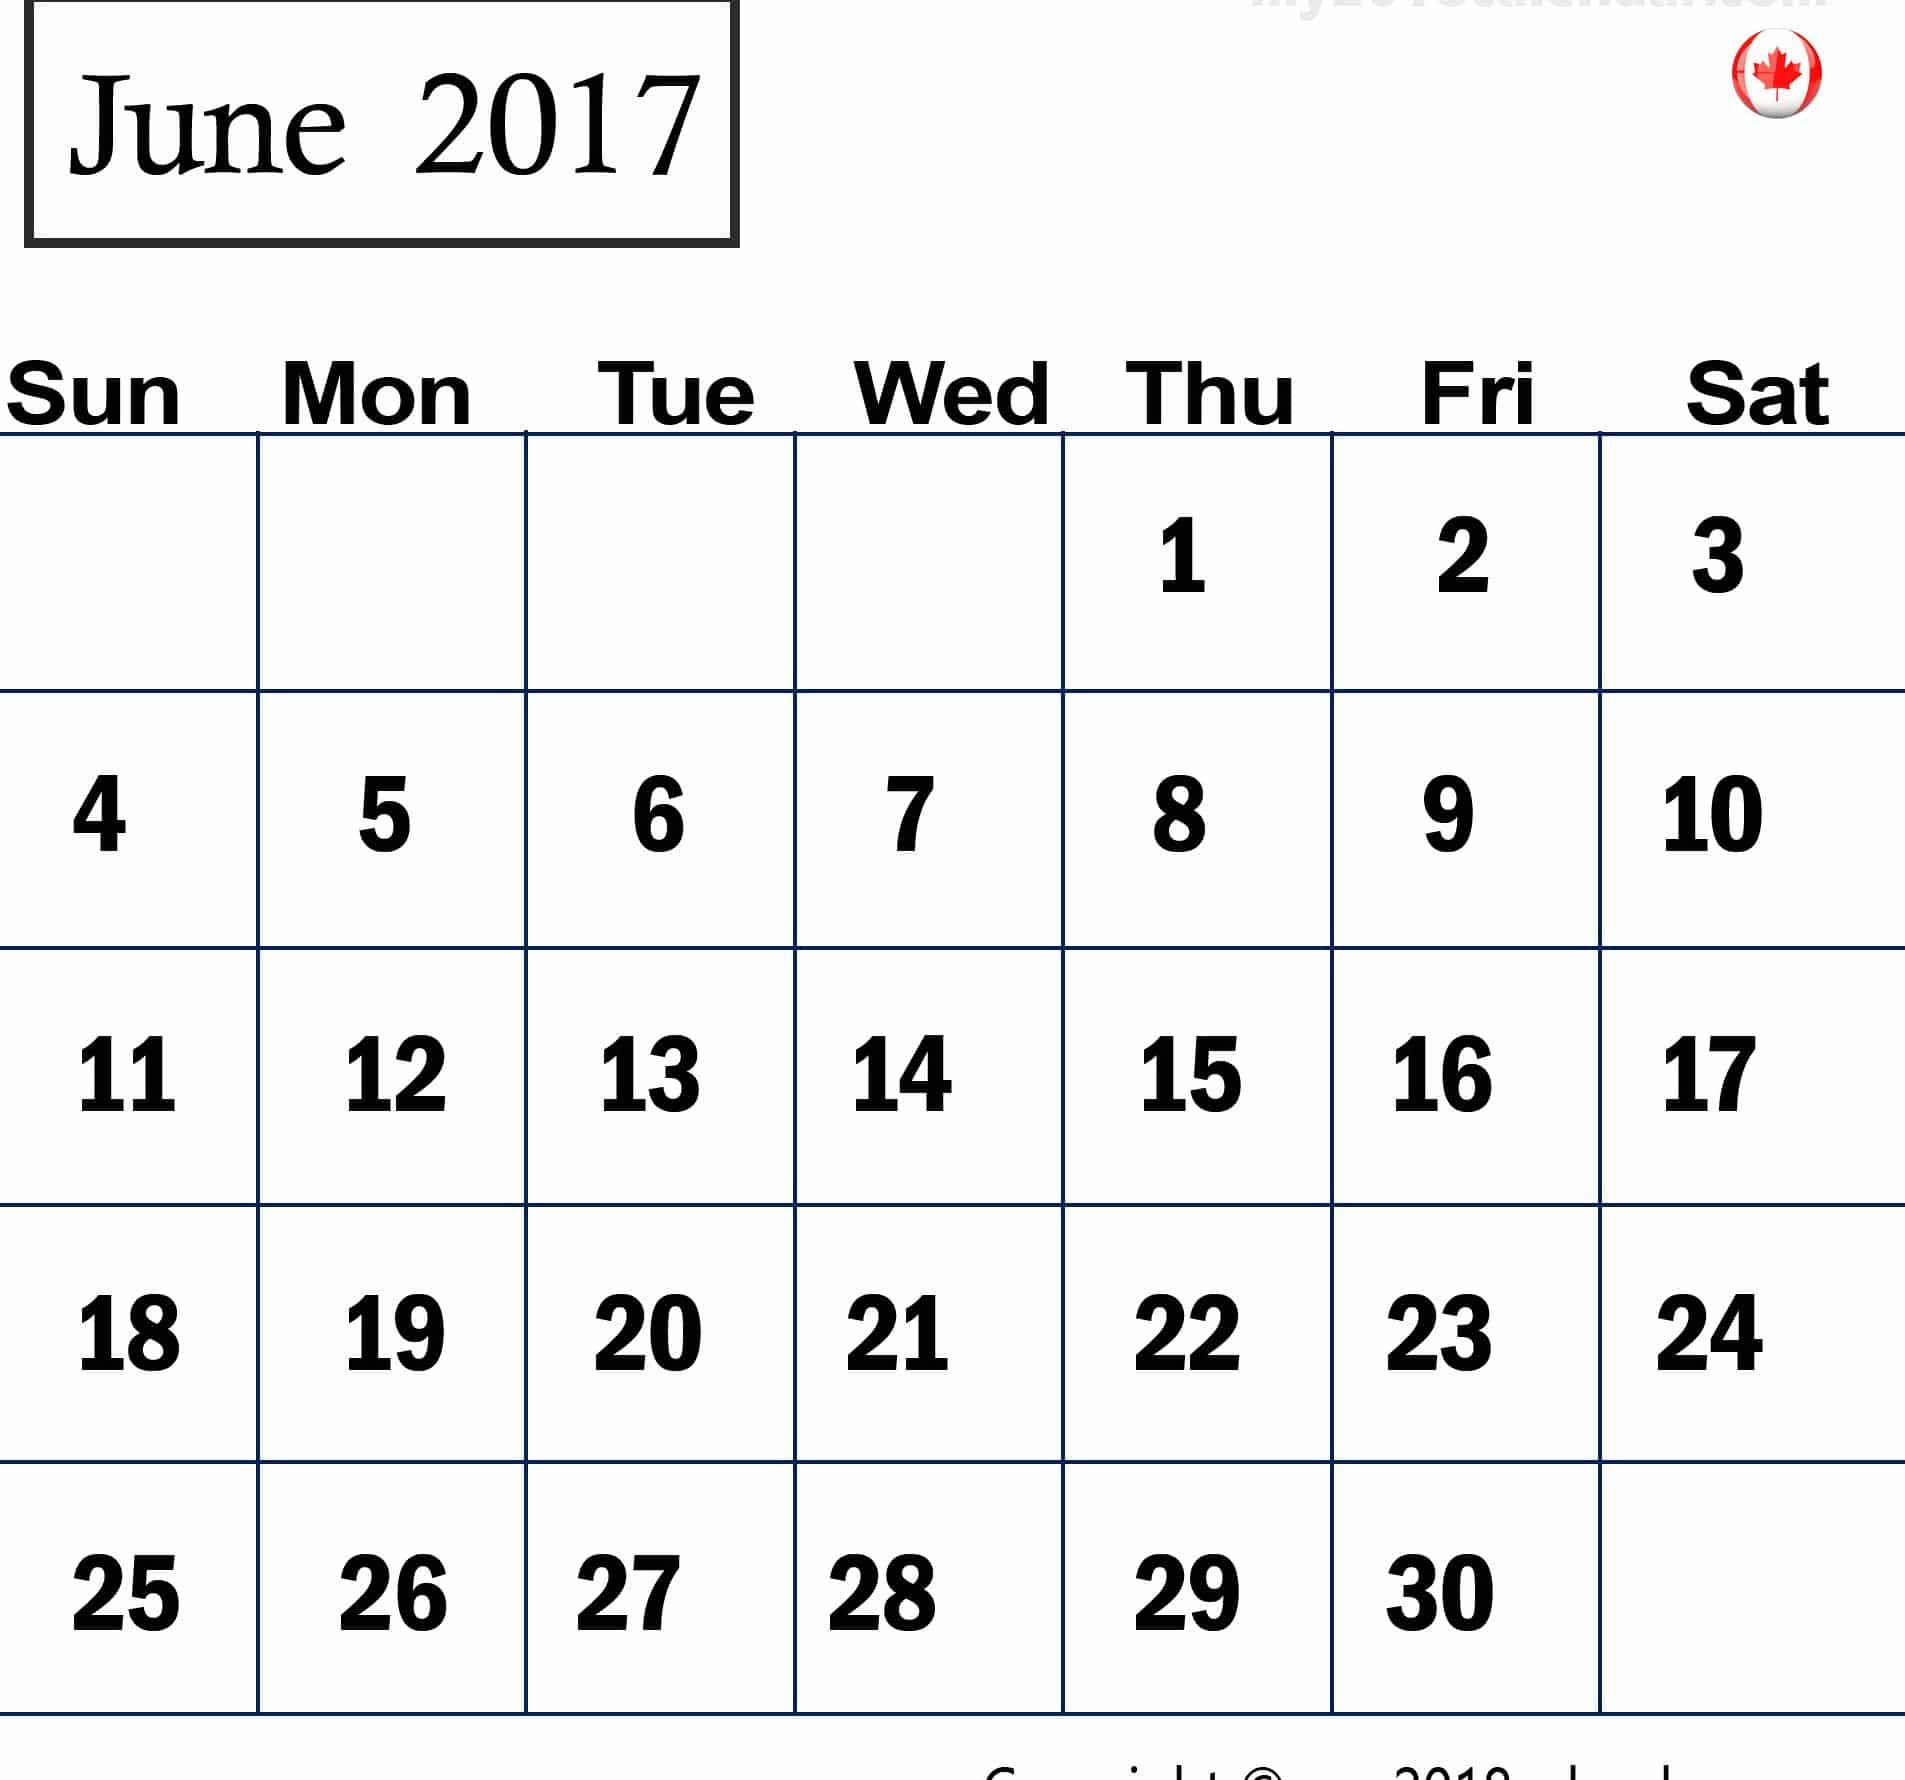 June 2017 calendar Pic Canada